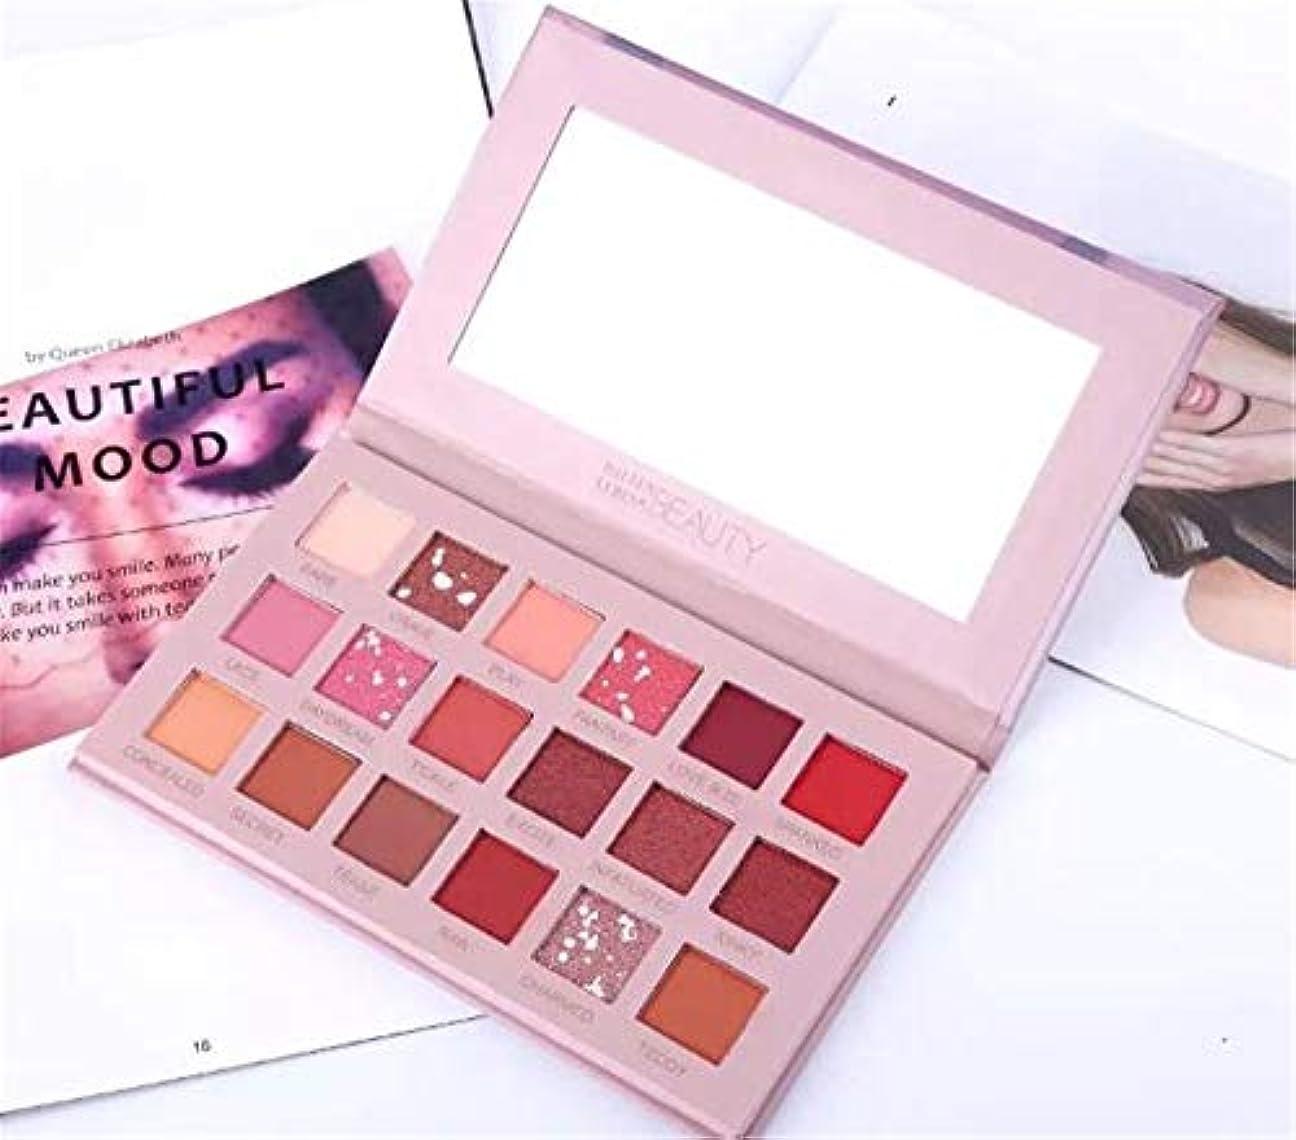 もつれコピー日常的に18色のアイシャドーの化粧品パールライト砂漠のバラのアイシャドウの美しい化粧品(3つ)